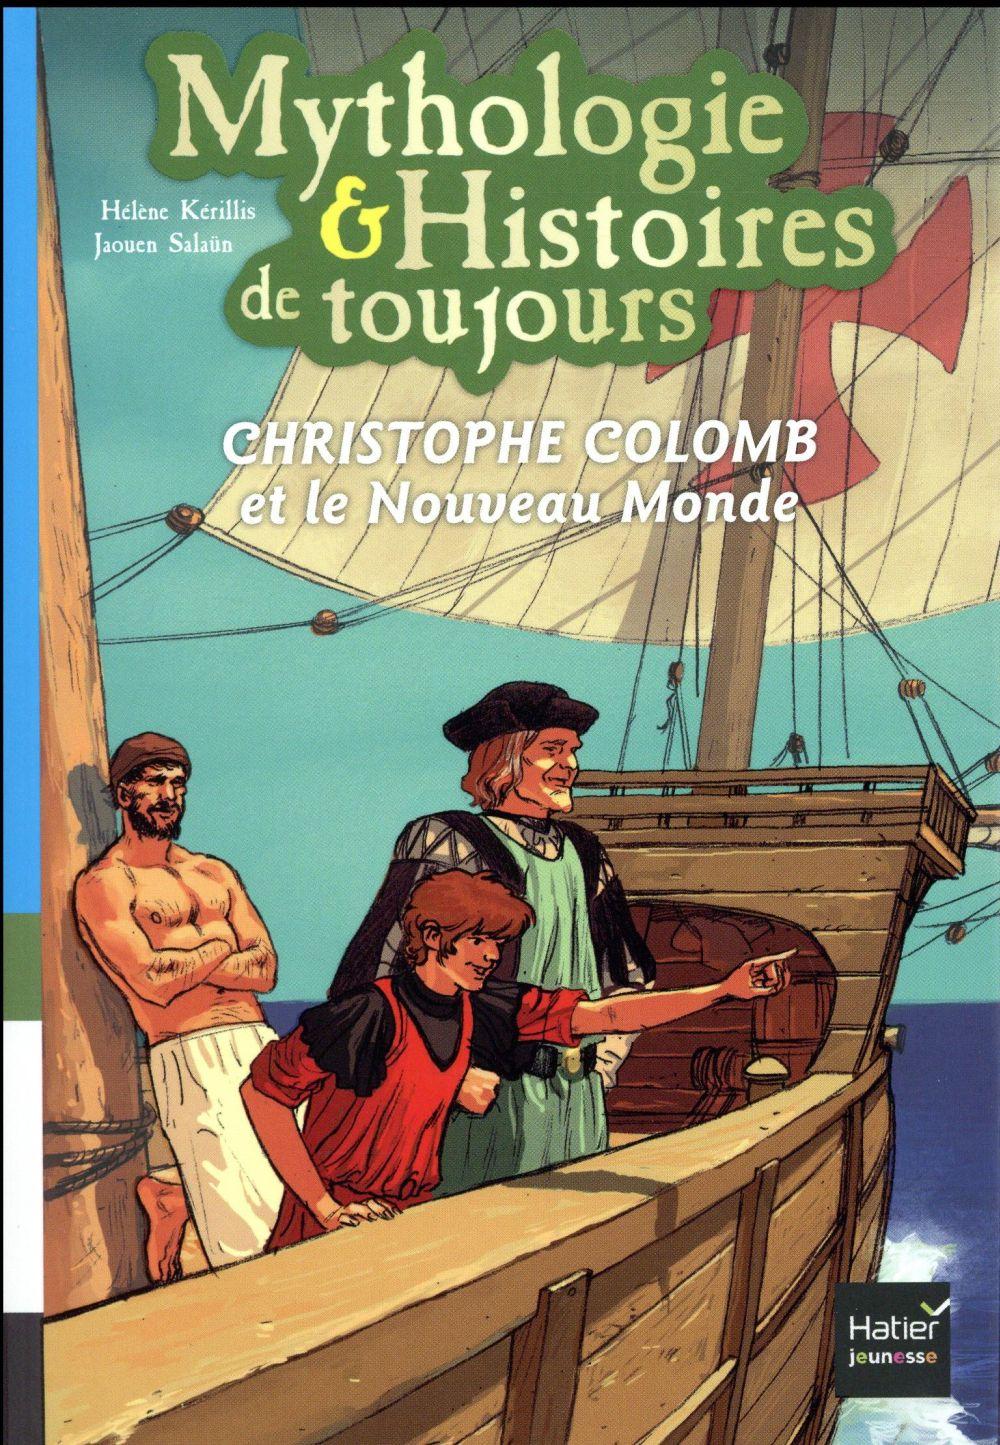 Mythologie & histoires de toujours ; Christophe Colomb et le nouveau monde